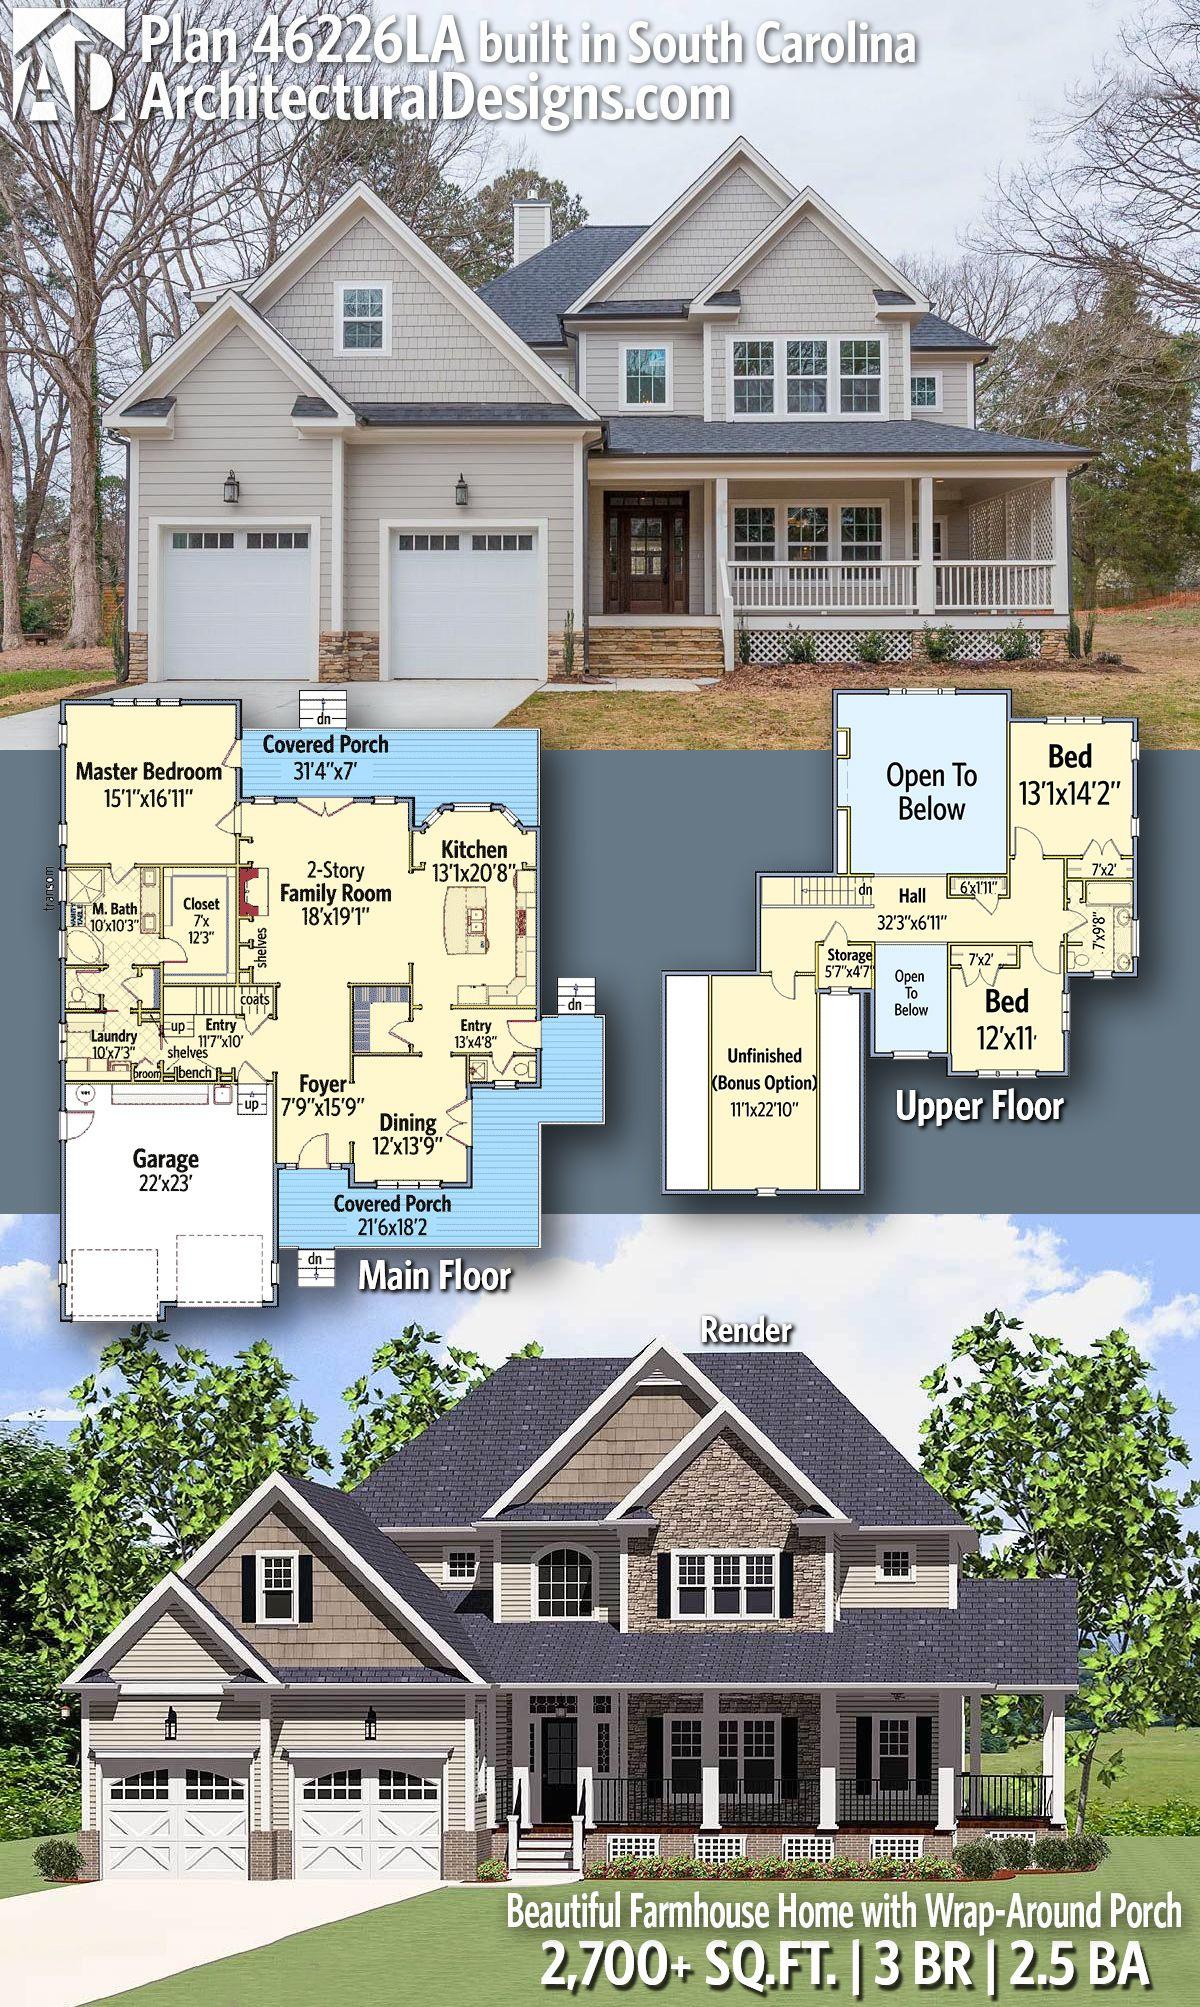 Plan 46226la Beautiful Farmhouse Home With Wrap Around Porch Architectural Design House Plans House Plans Dream House Plans